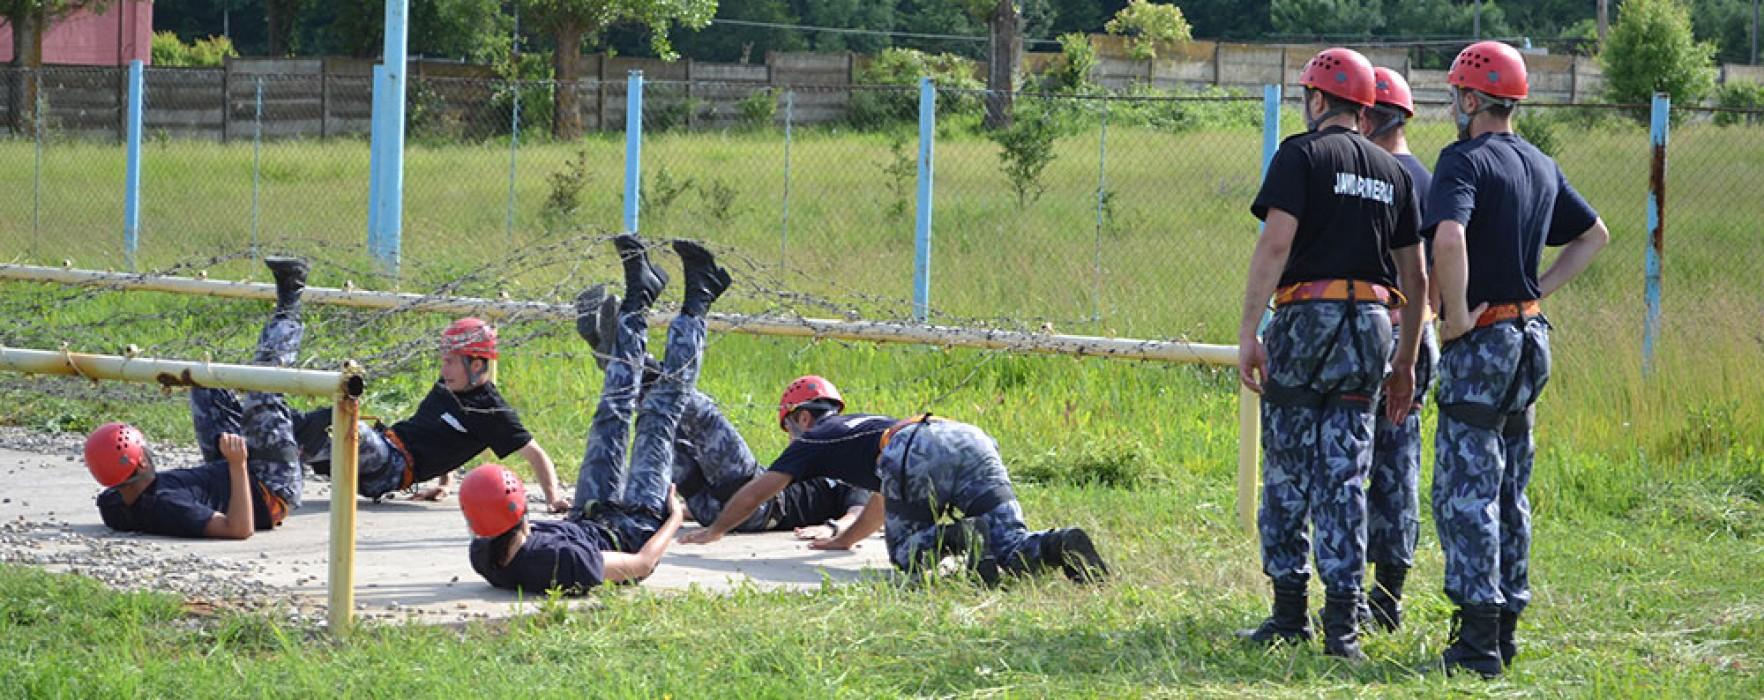 Studenţii anului I din cadrul Academiei de Poliţie s-au pregătit la Ochiuri